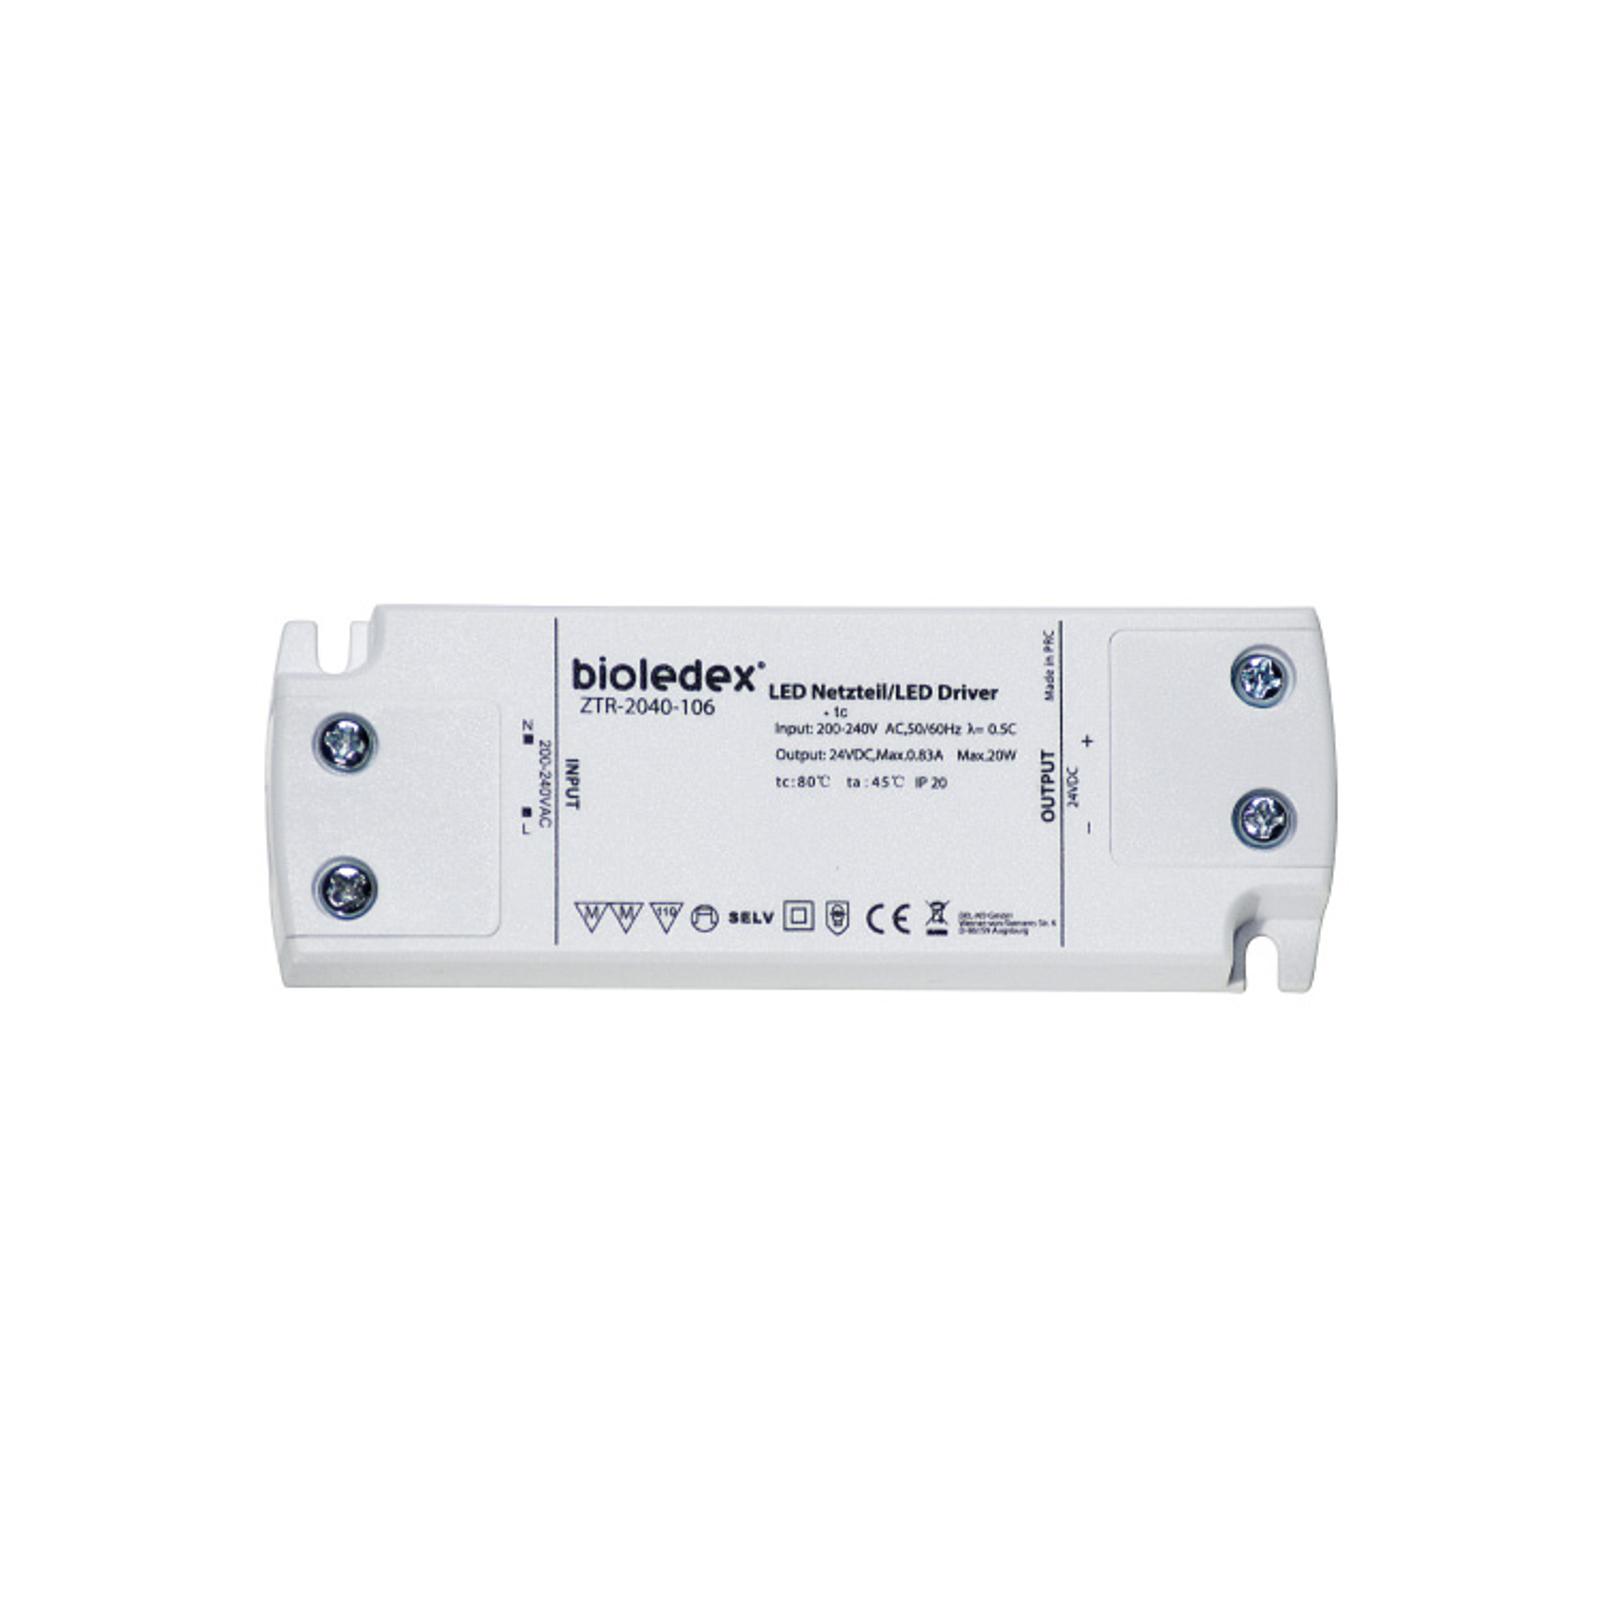 LED-Netzteil ZTR-2040-106 24V DC 20W